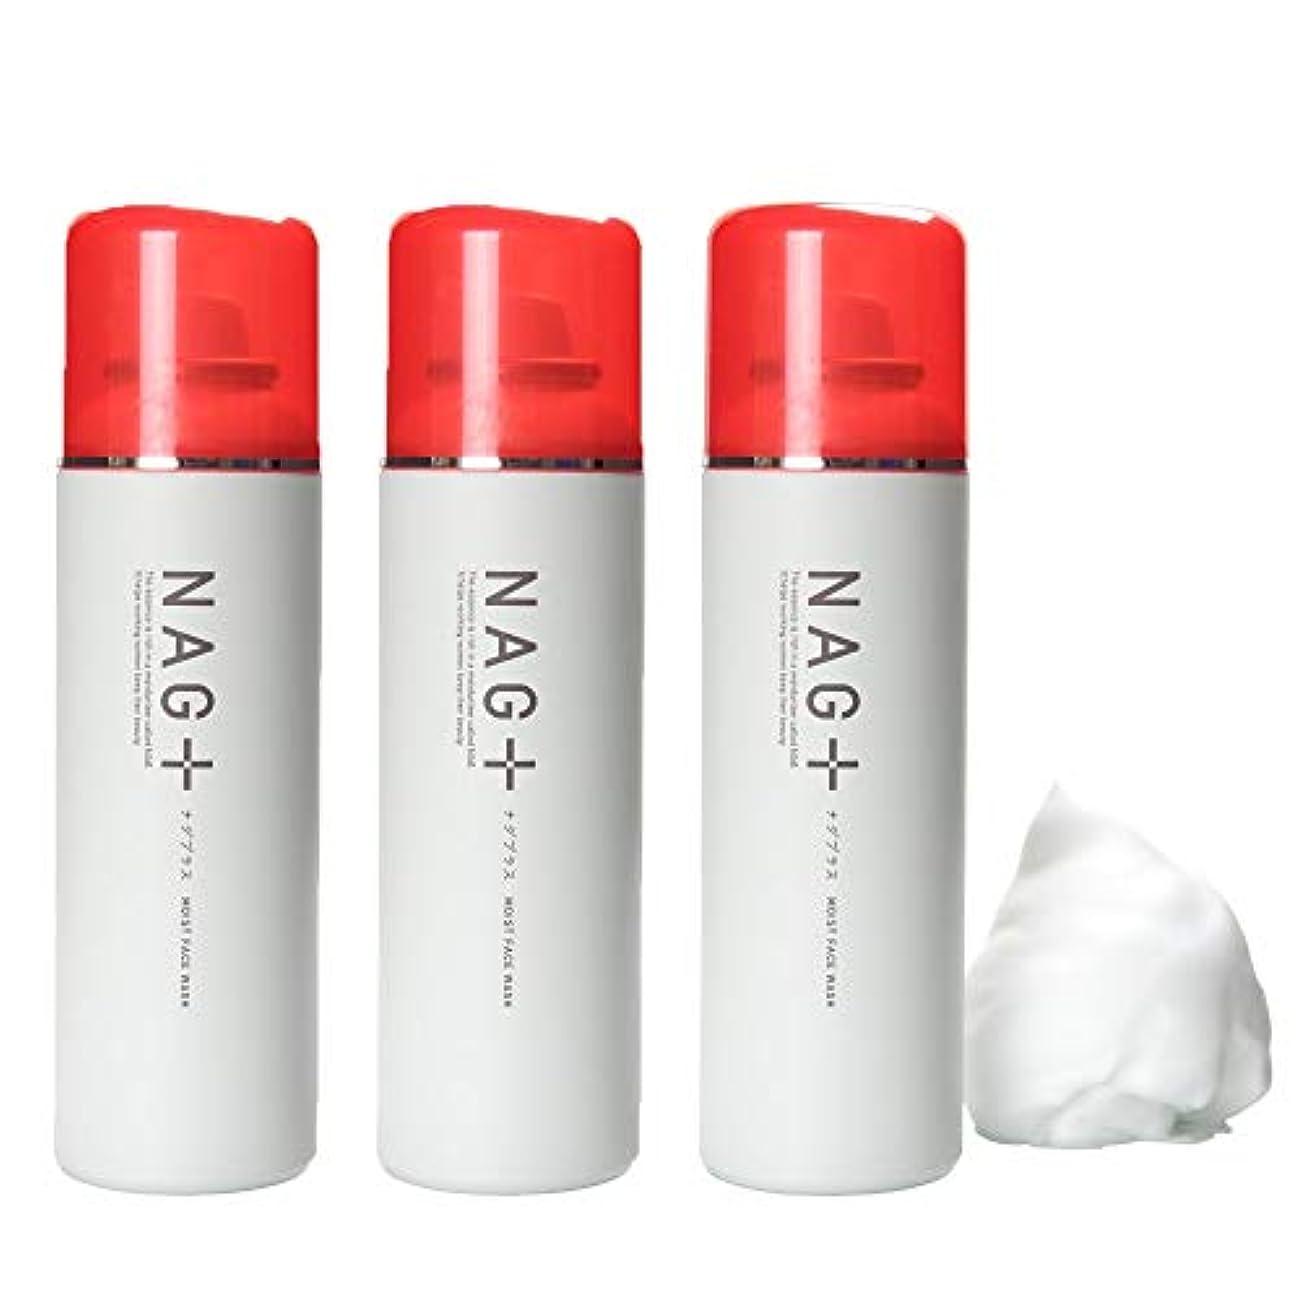 参加するありがたい安価な保湿する泡洗顔 3本セット